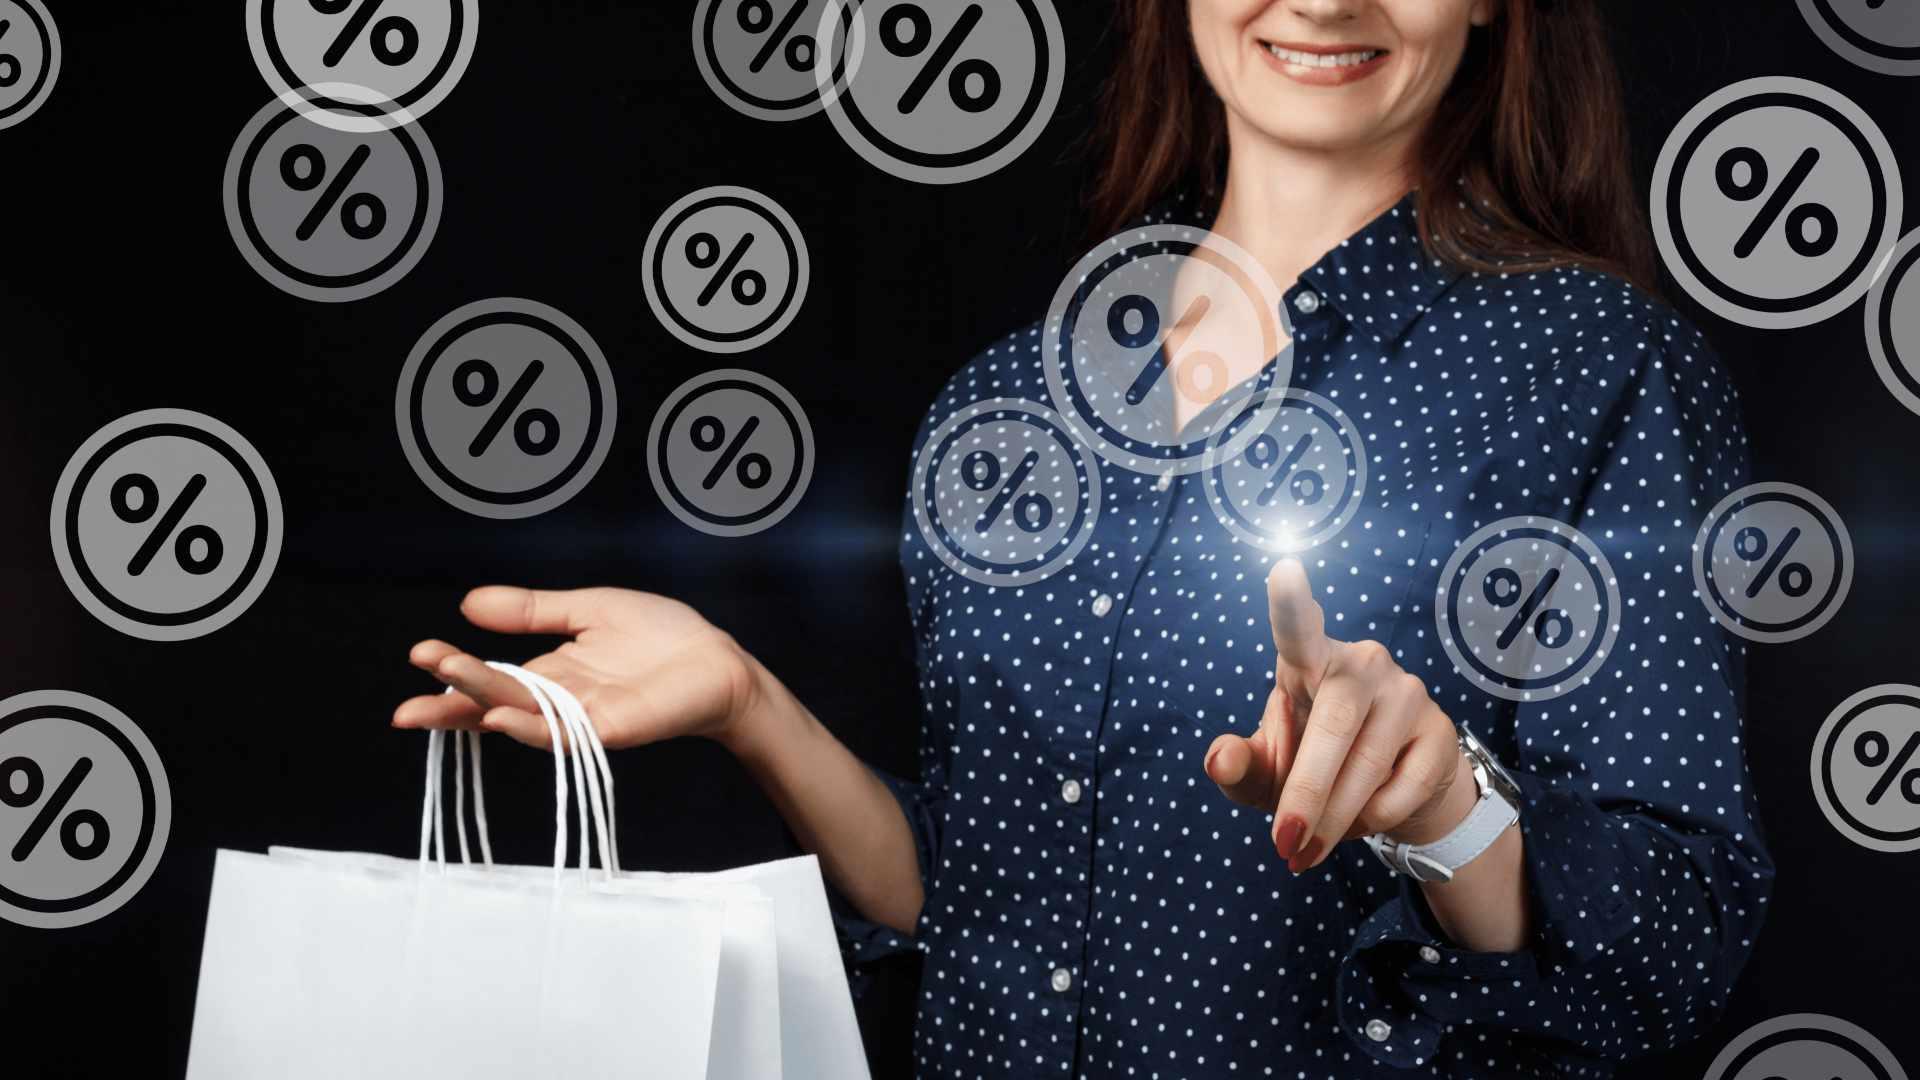 qatar discount, qatar promotions